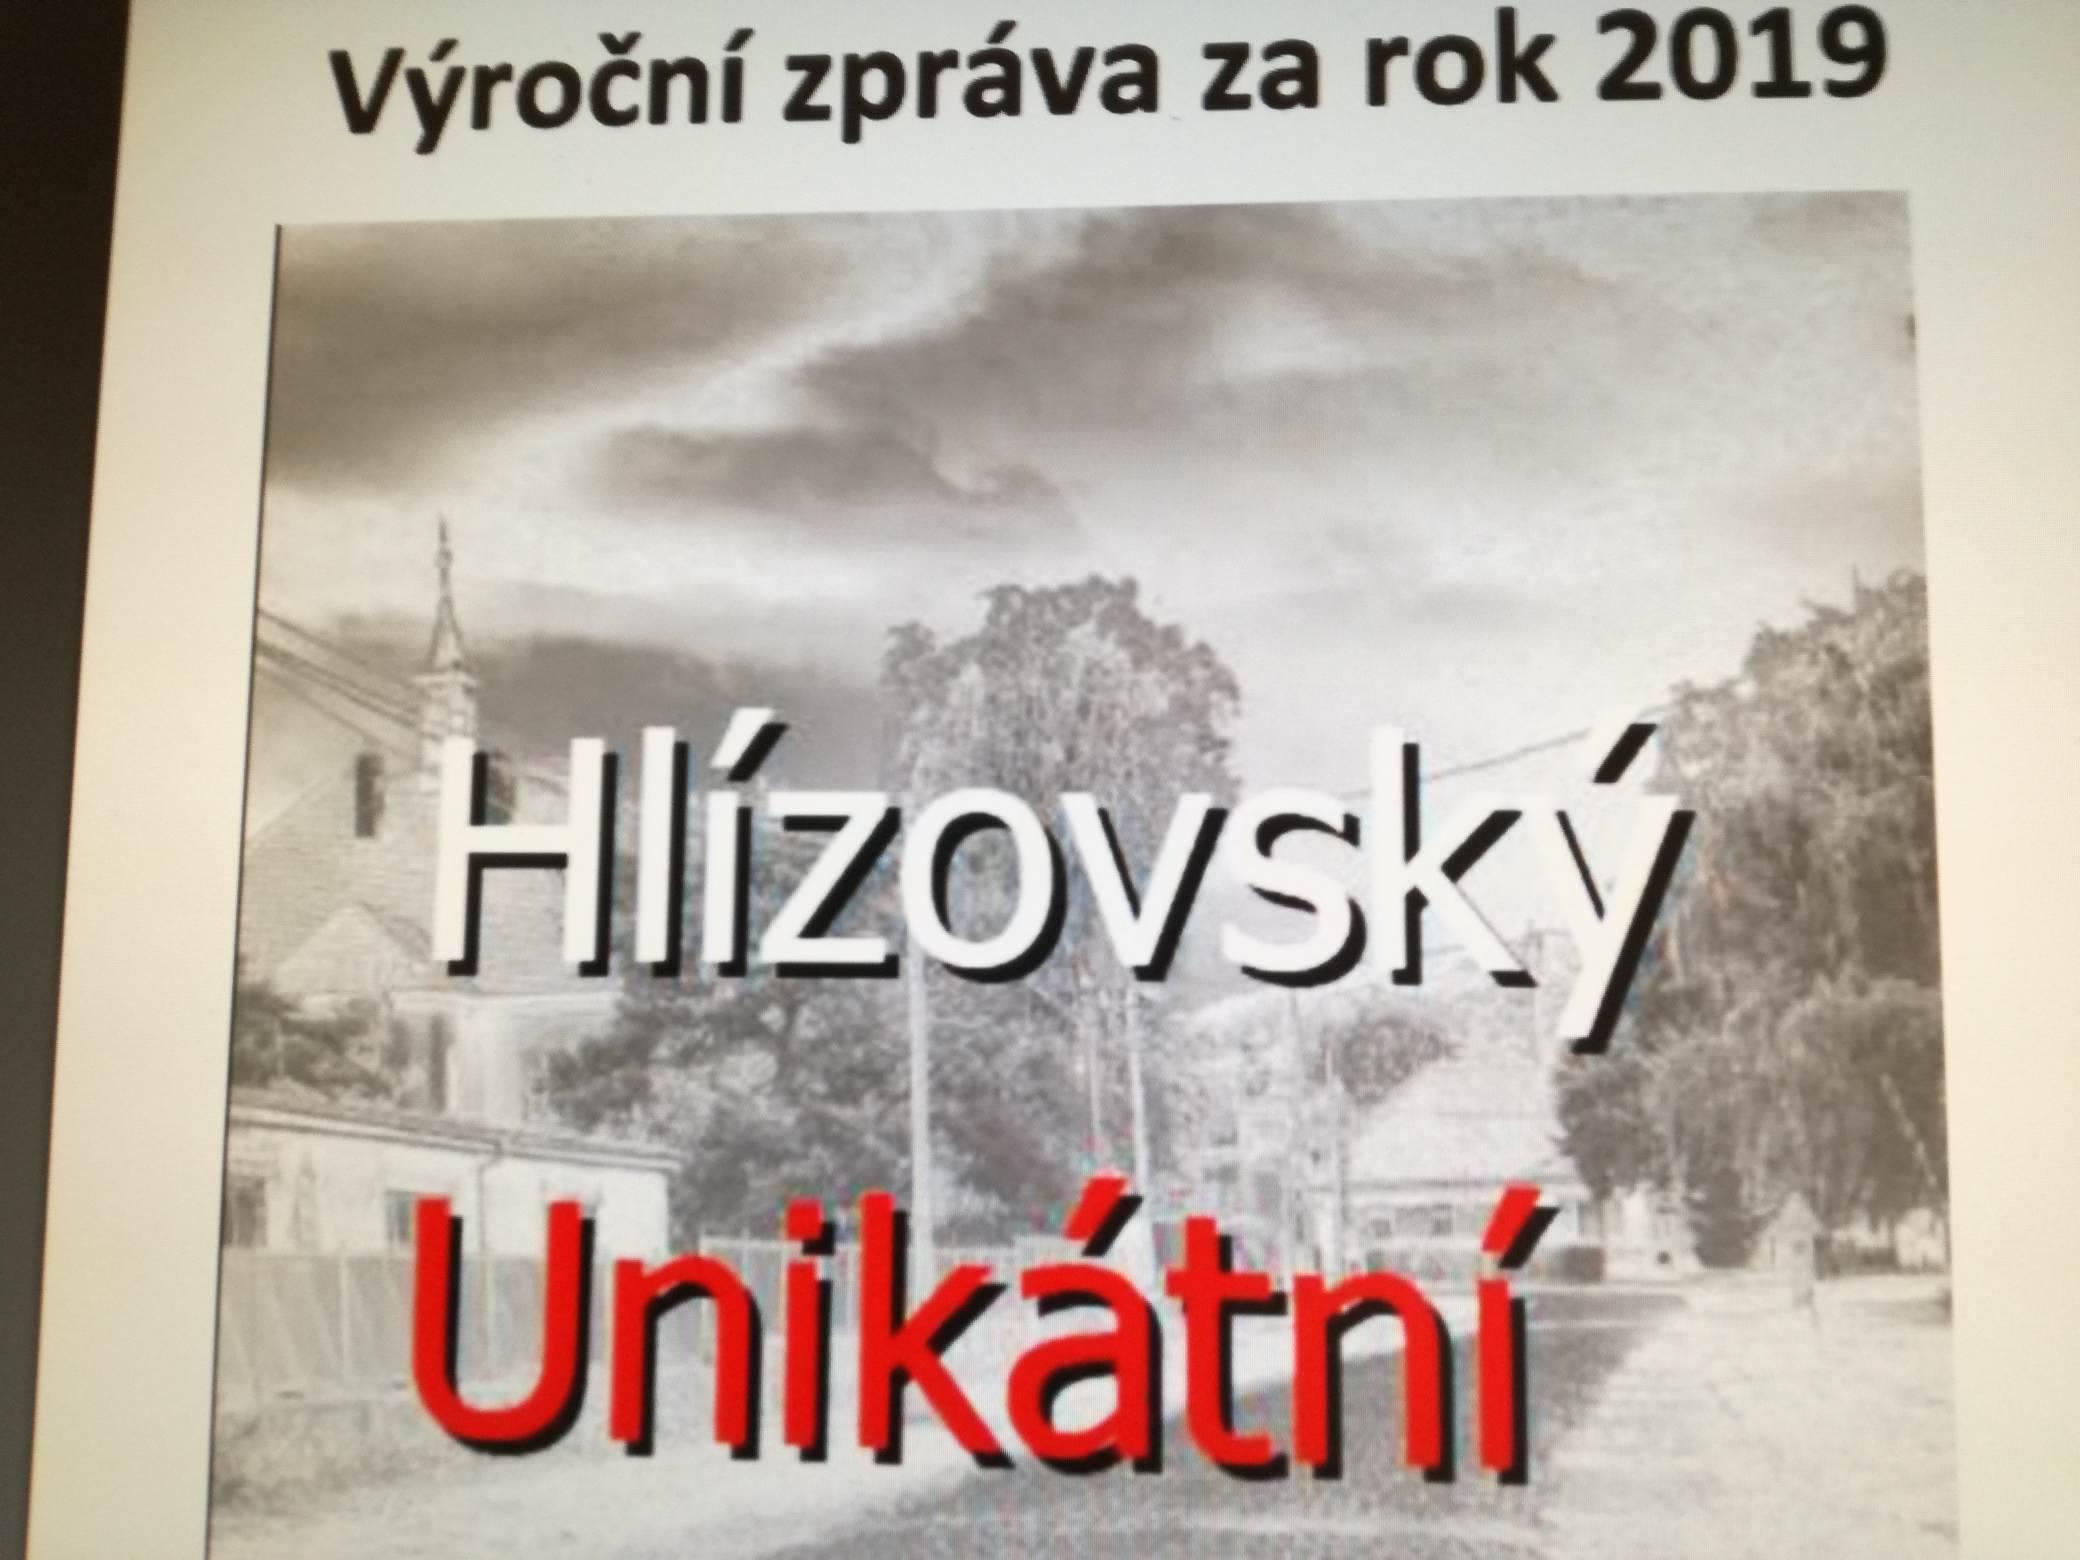 Výroční zpráva za rok 2019